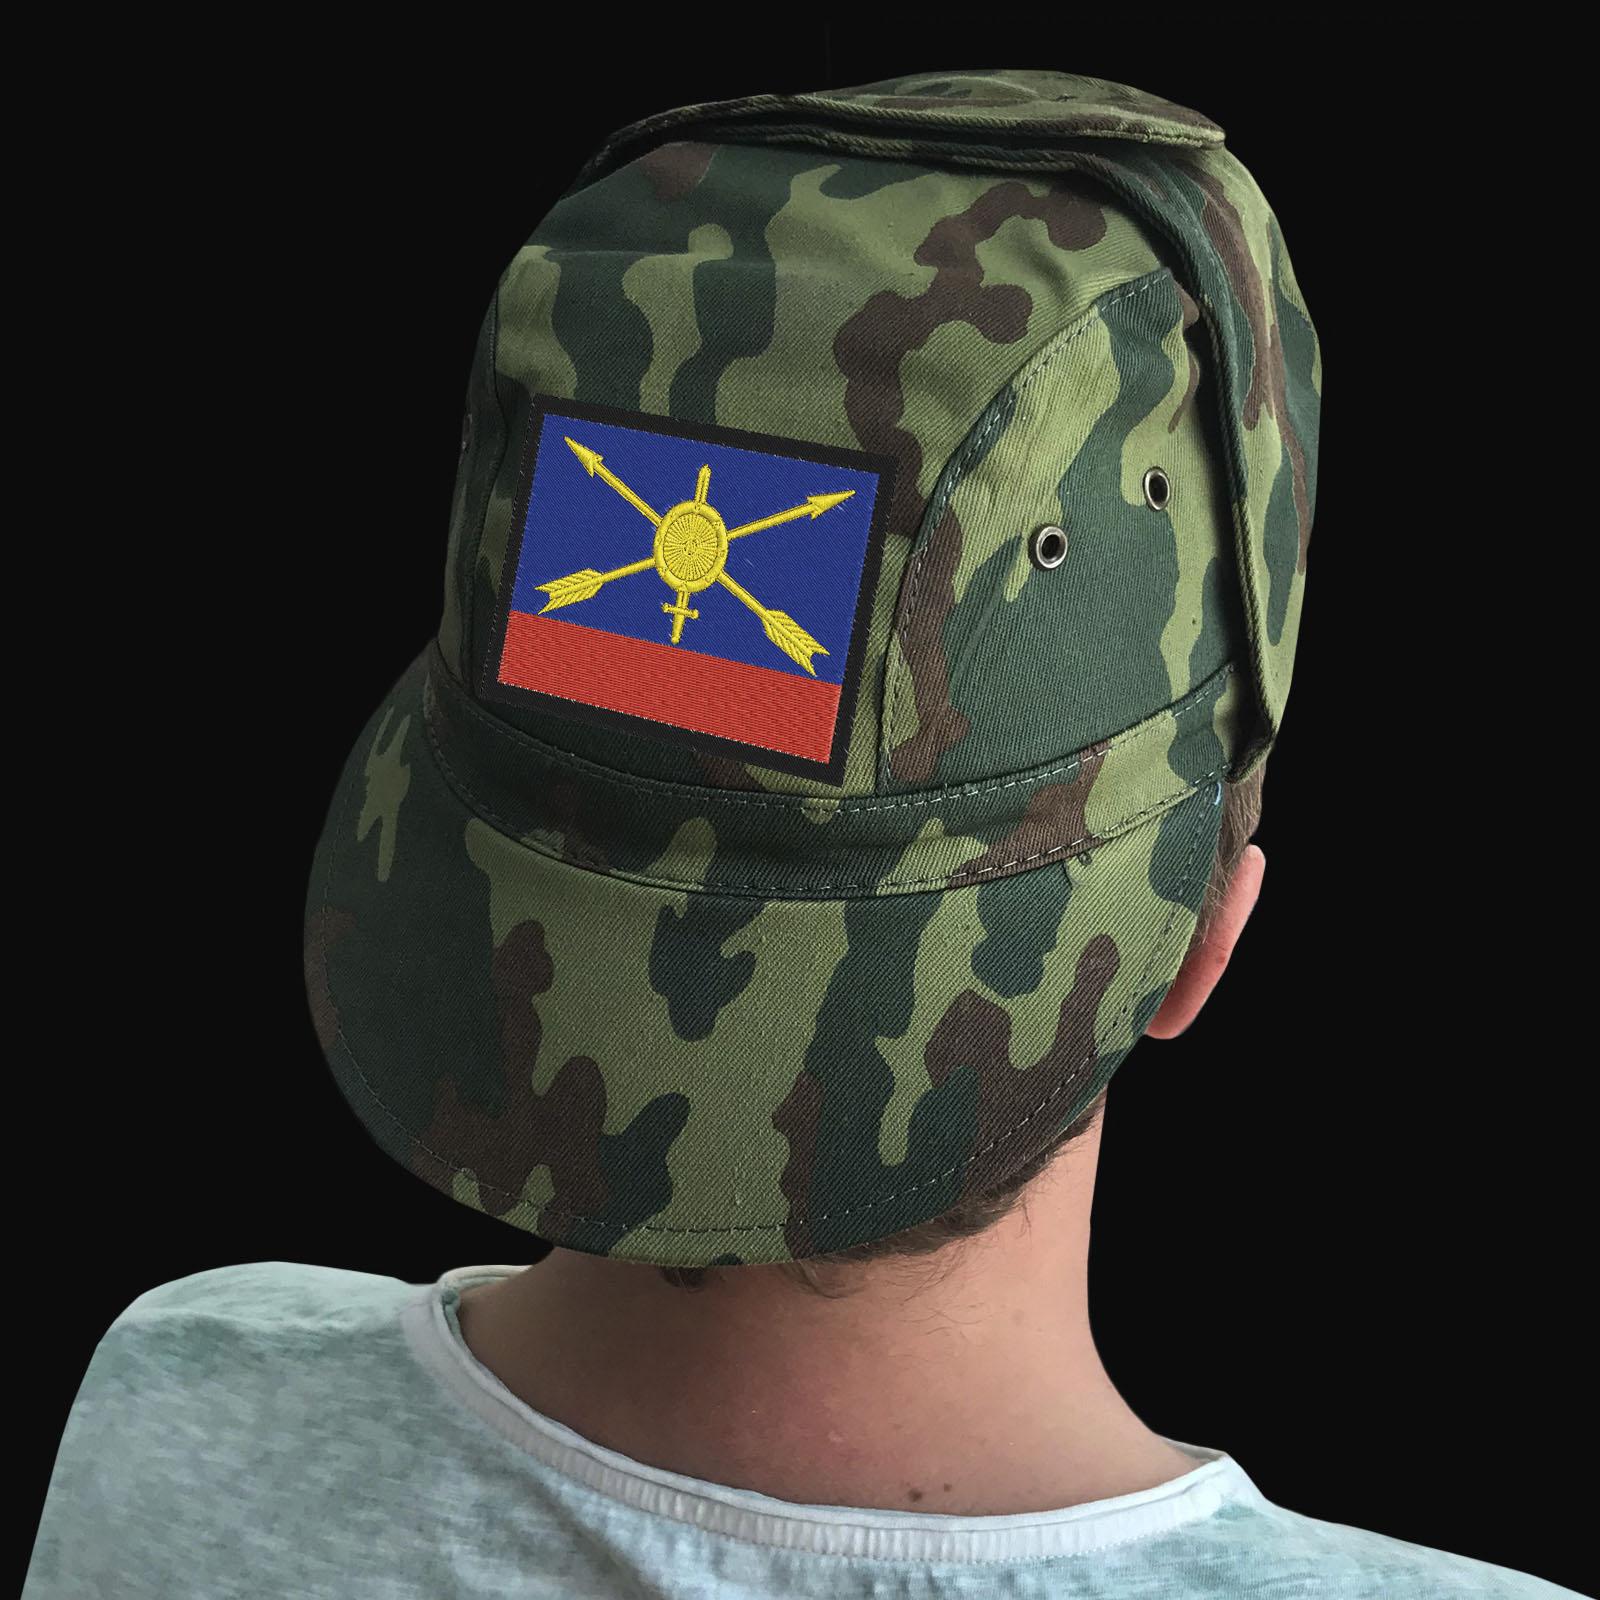 Кепки в камуфляжном дизайне с символикой Ракетных войск стратегического назначения